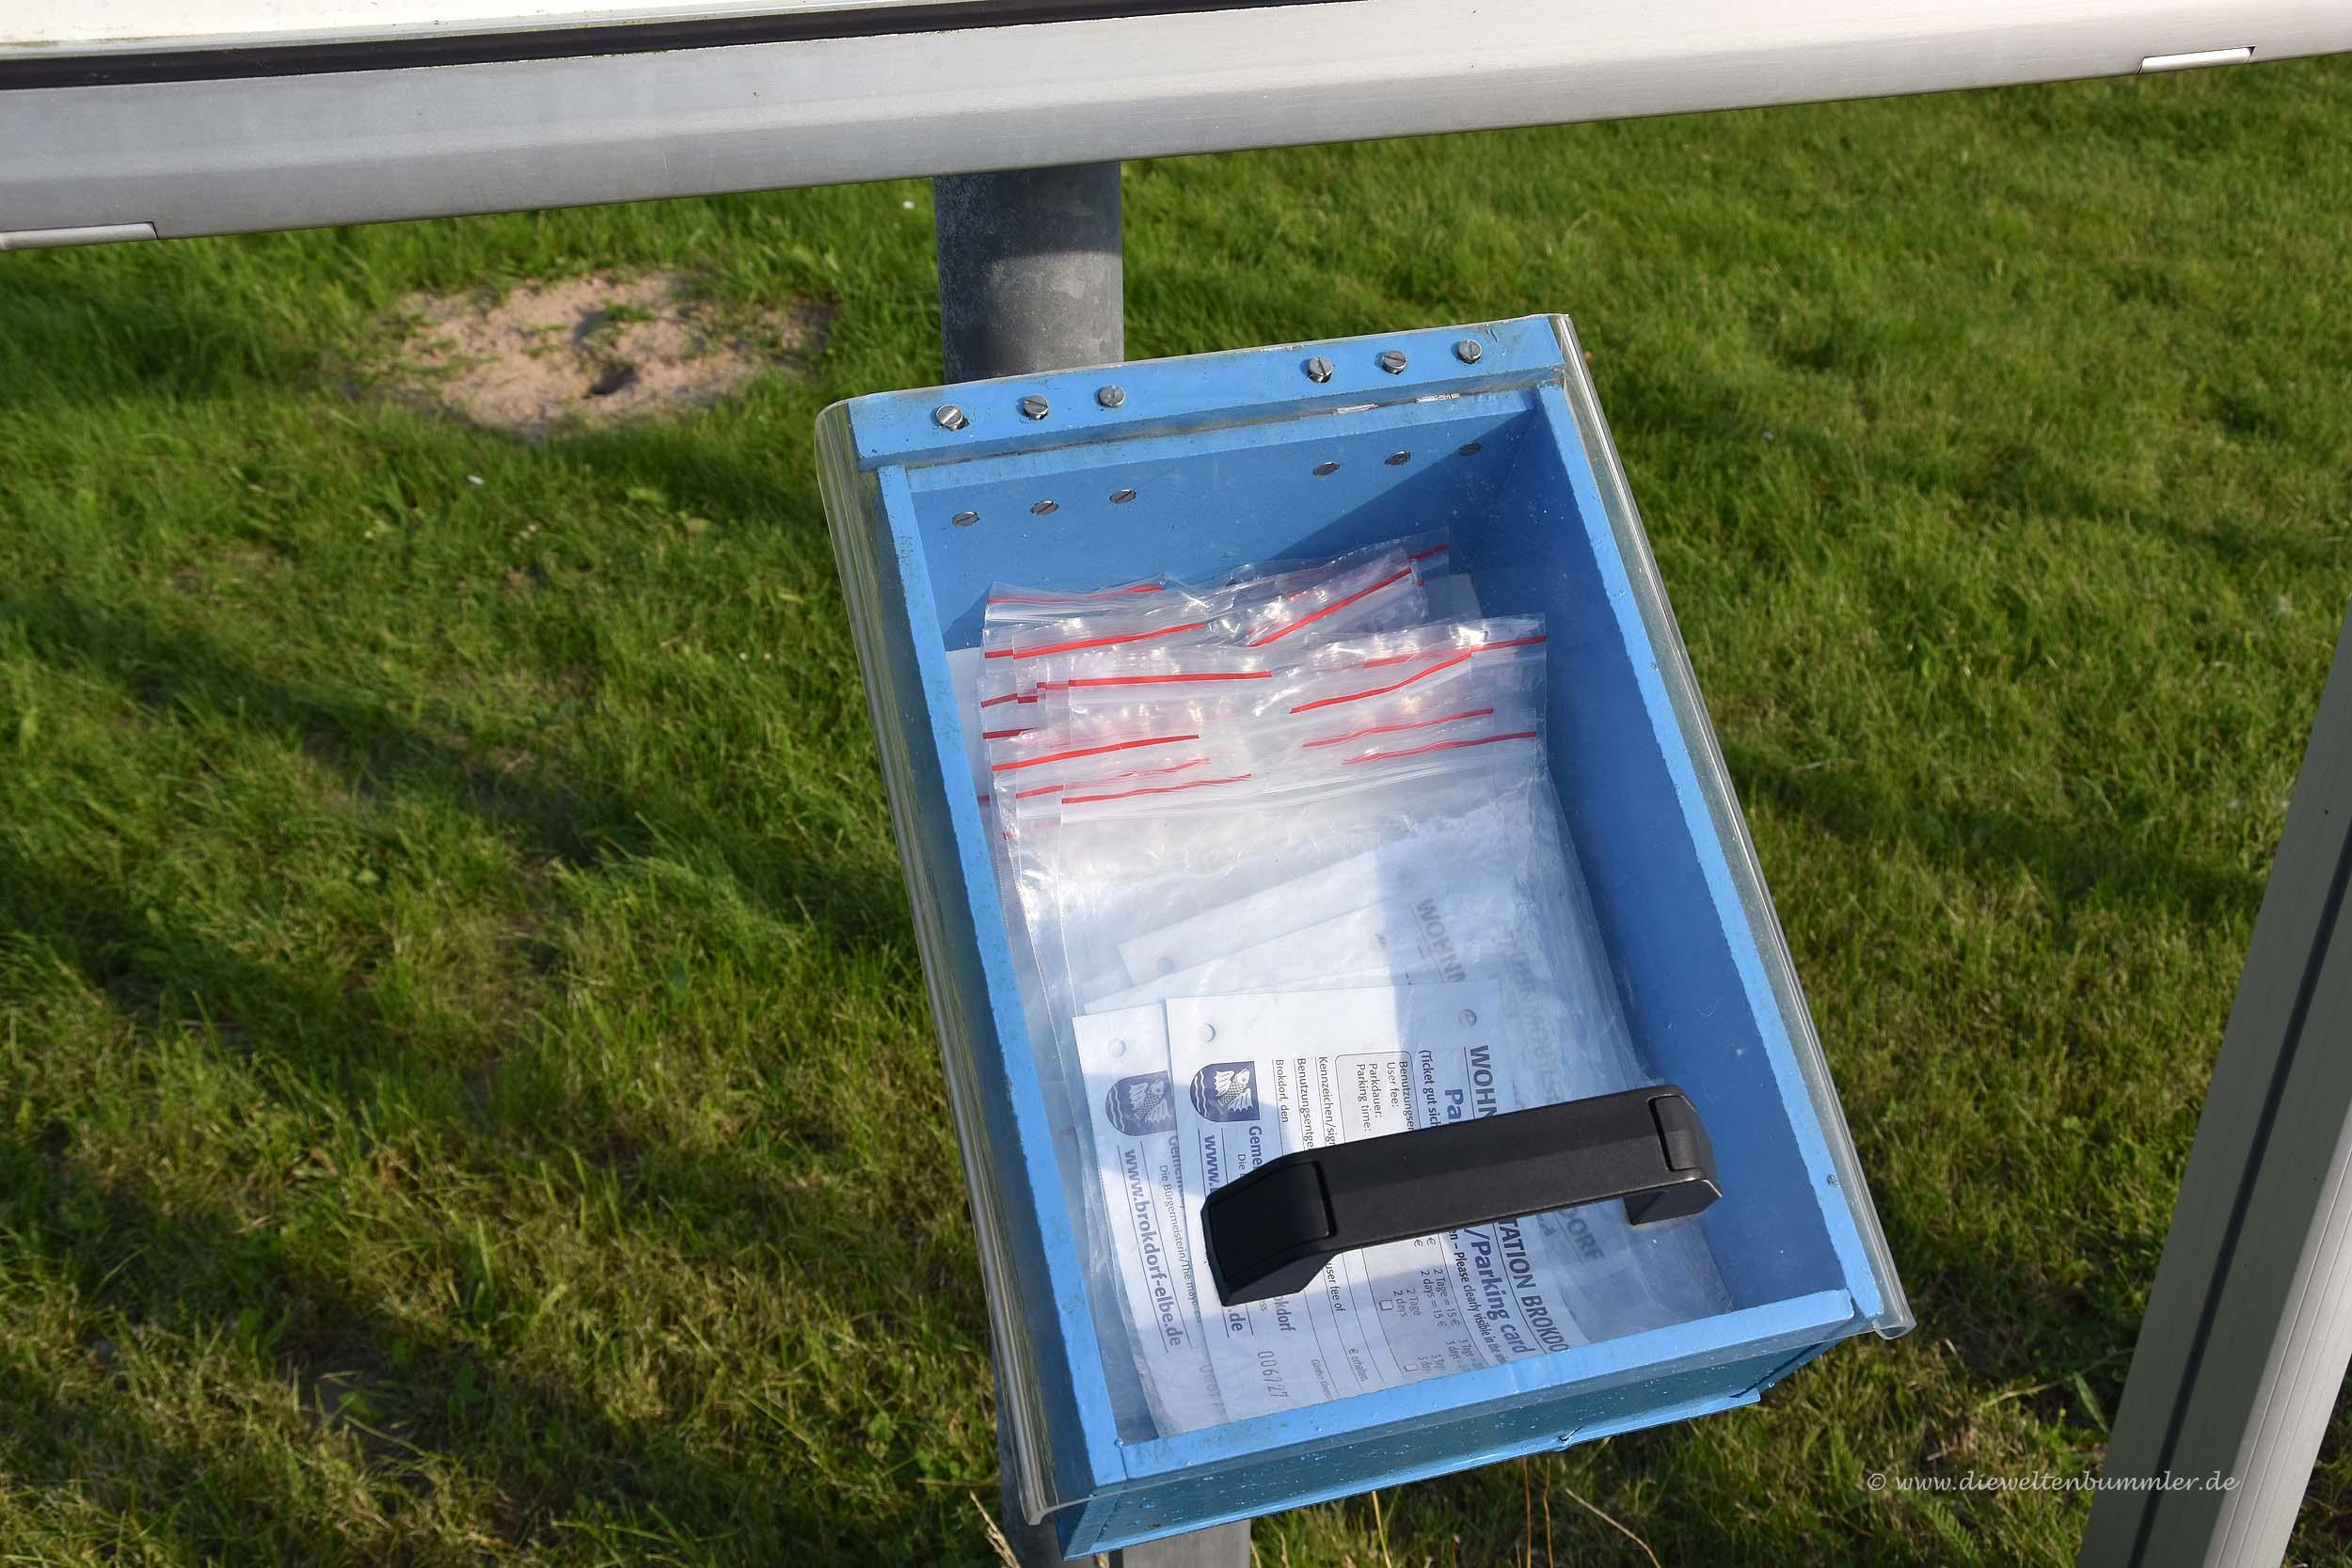 Briefumschläge am Wohnmobilstellplatz